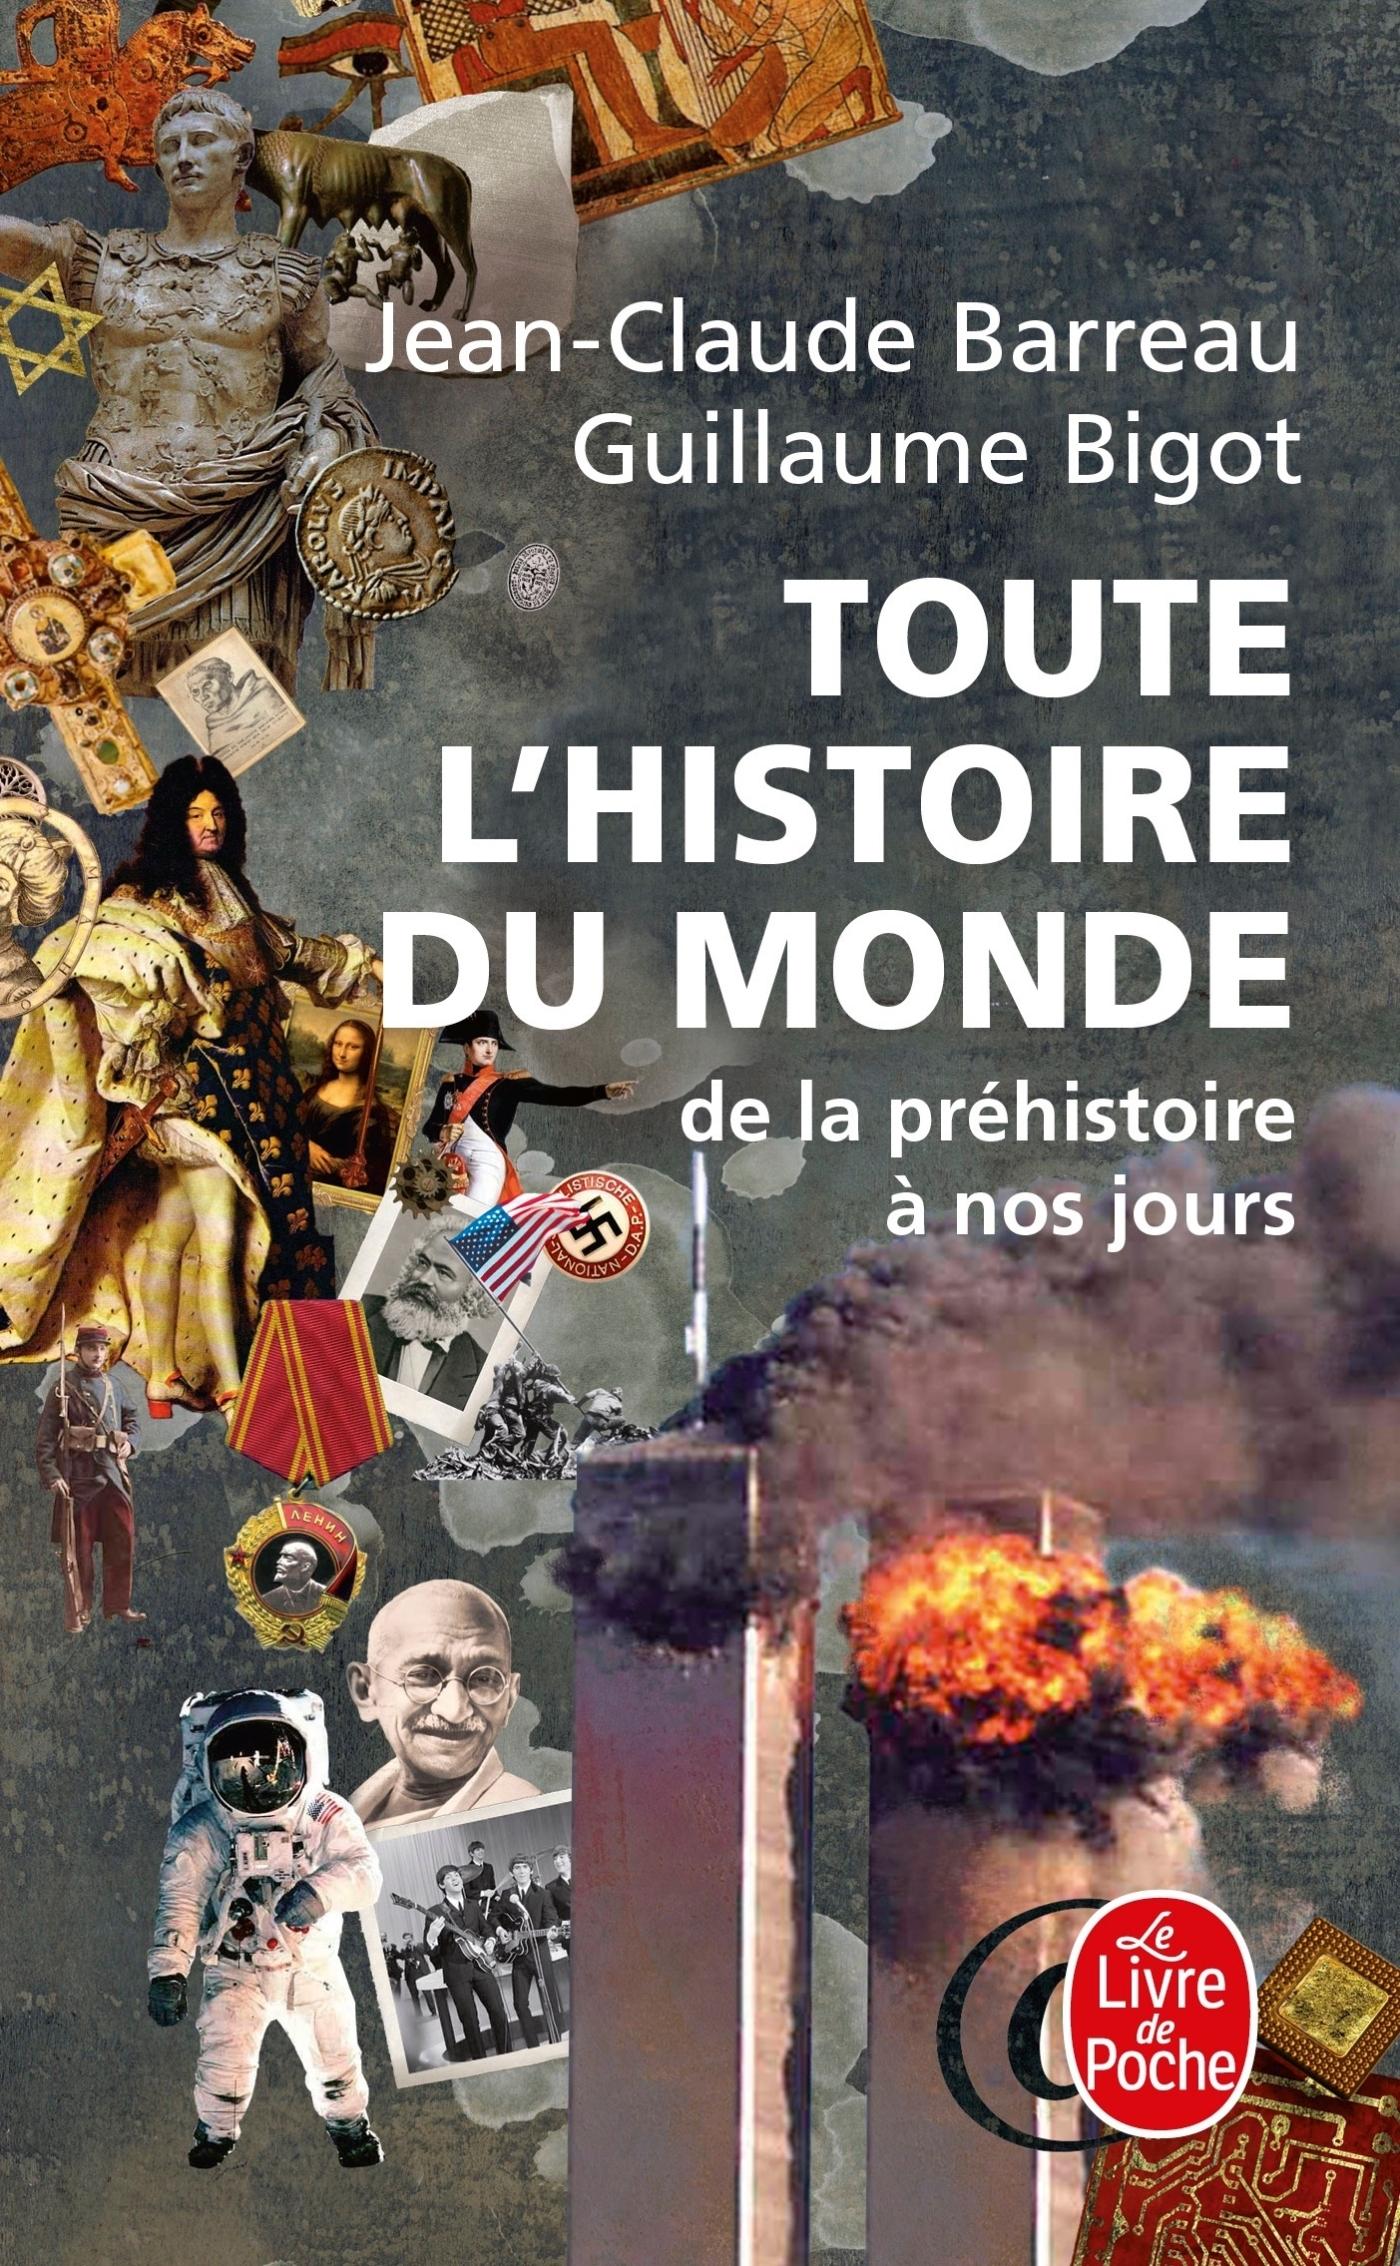 TOUTE L'HISTOIRE DU MONDE